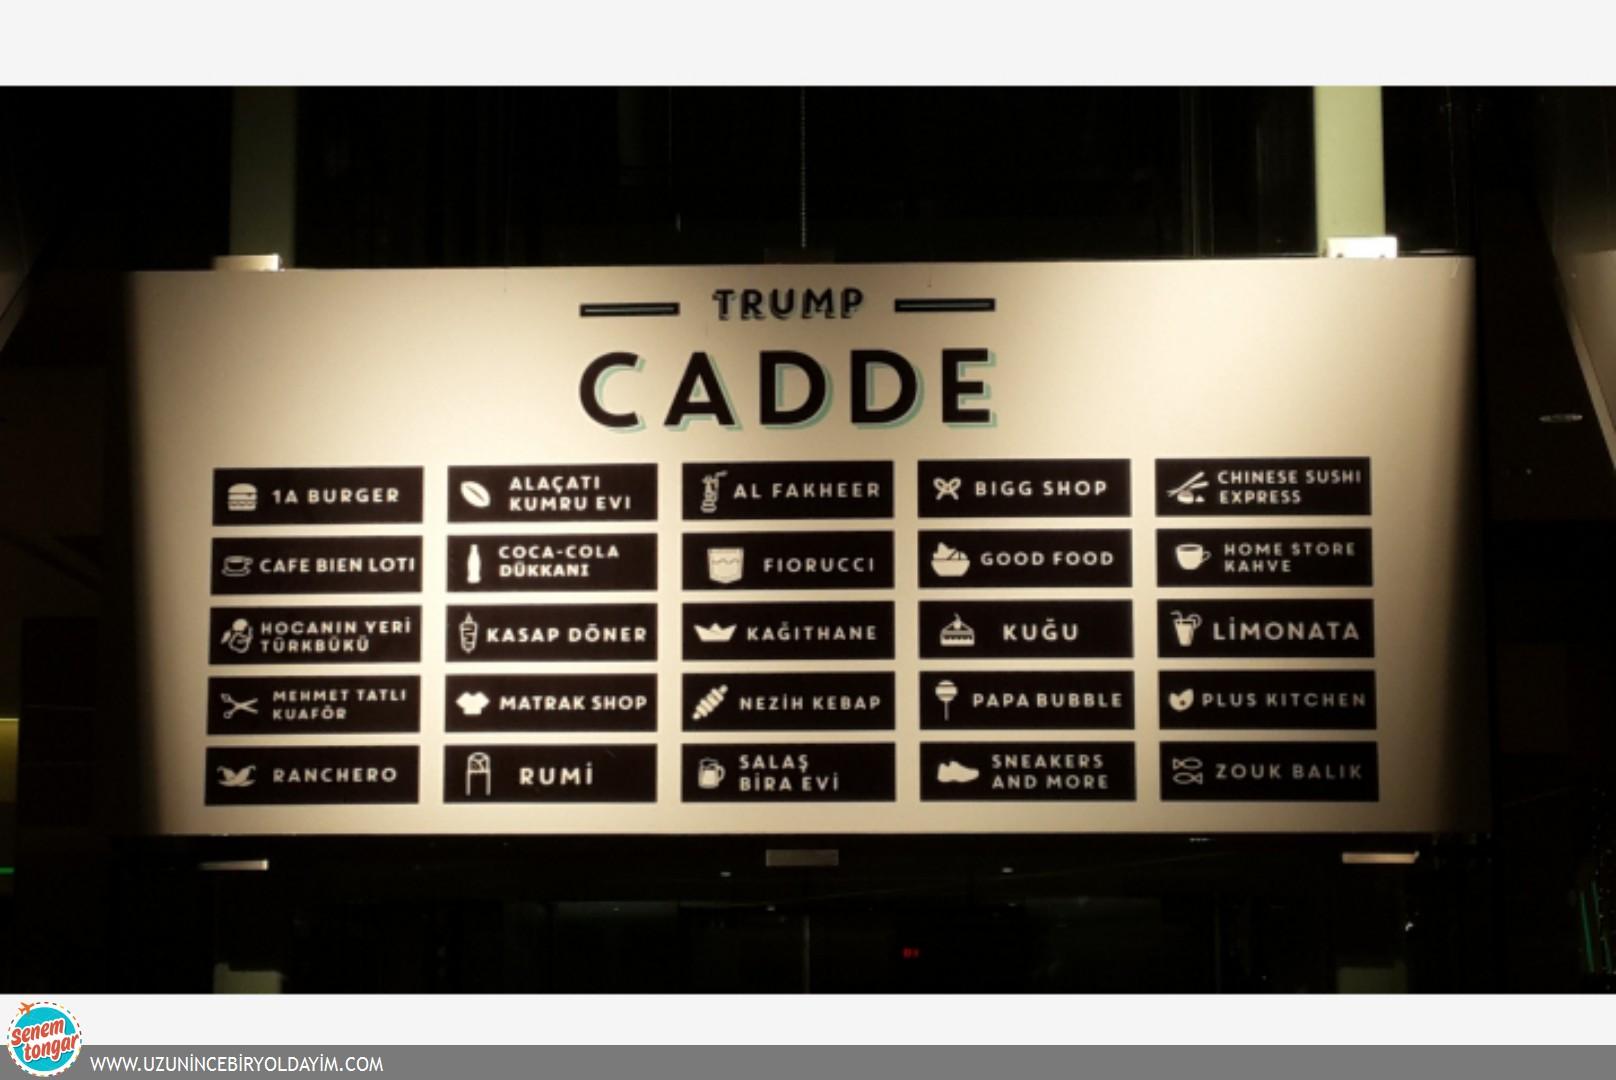 Trump Cadde